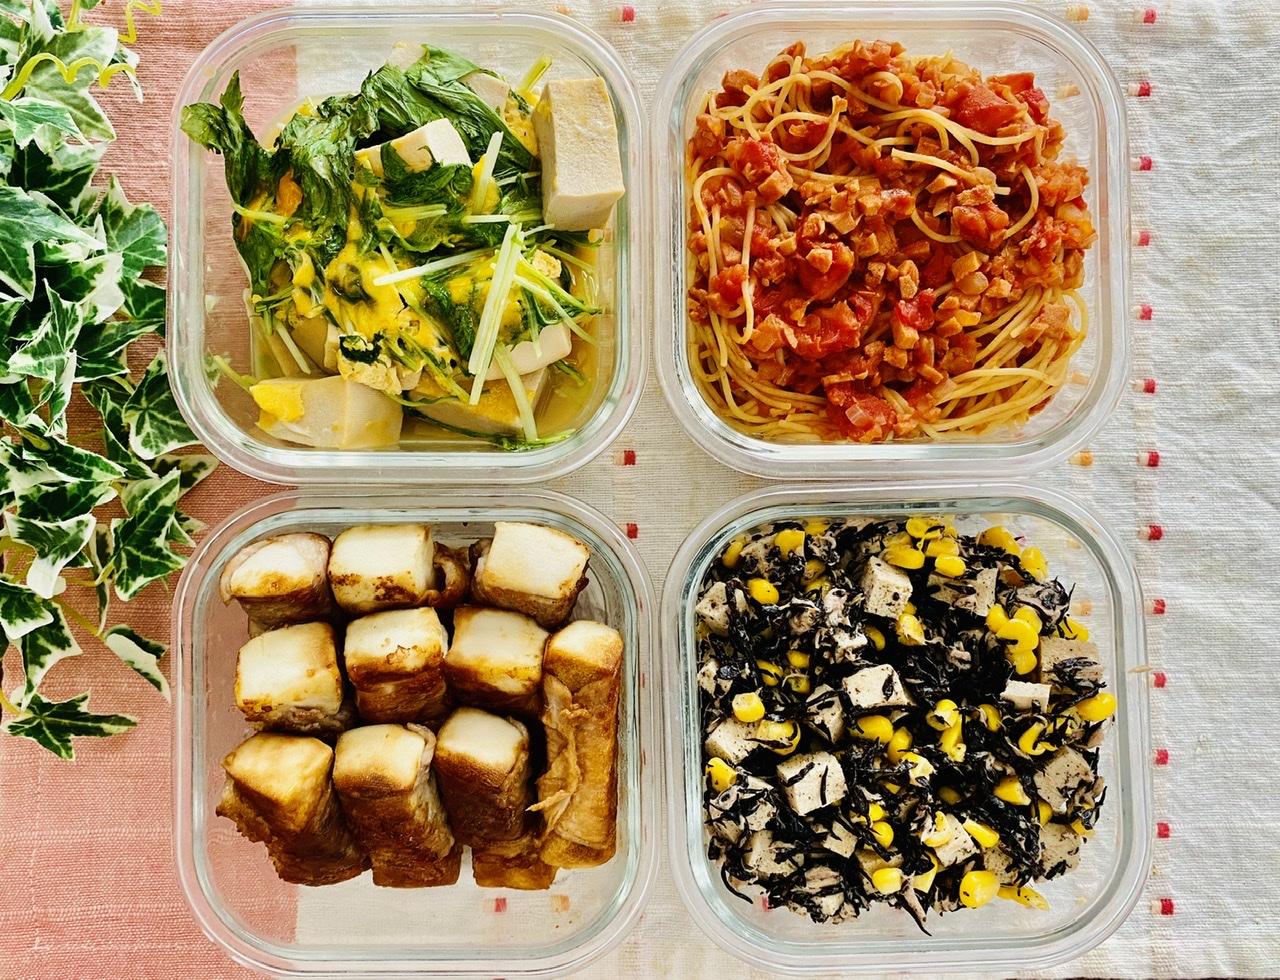 【今月のお家ごはん】アラサー女子の食卓!作り置きおかずでラク晩ご飯♡-Vol.21-_4